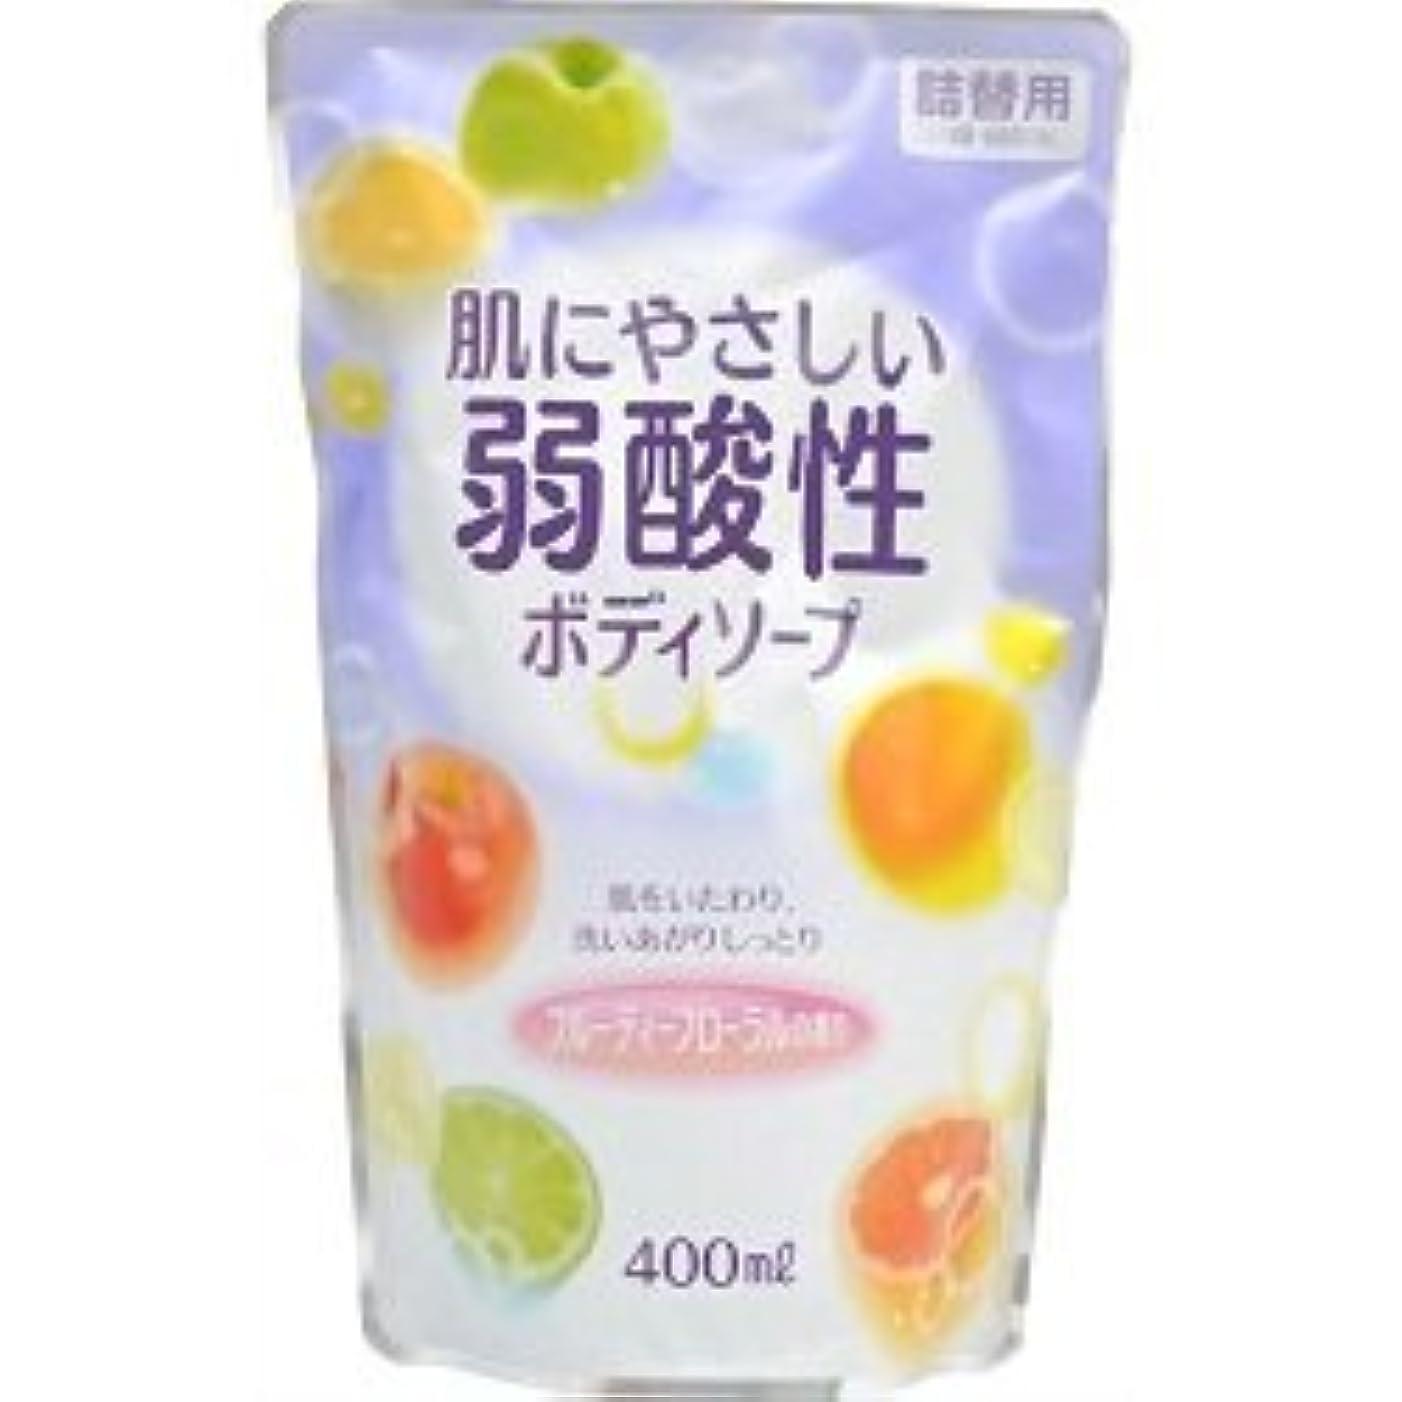 思春期すりモート【エオリア】弱酸性ボディソープ フルーティフローラルの香り 詰替用 400ml ×5個セット